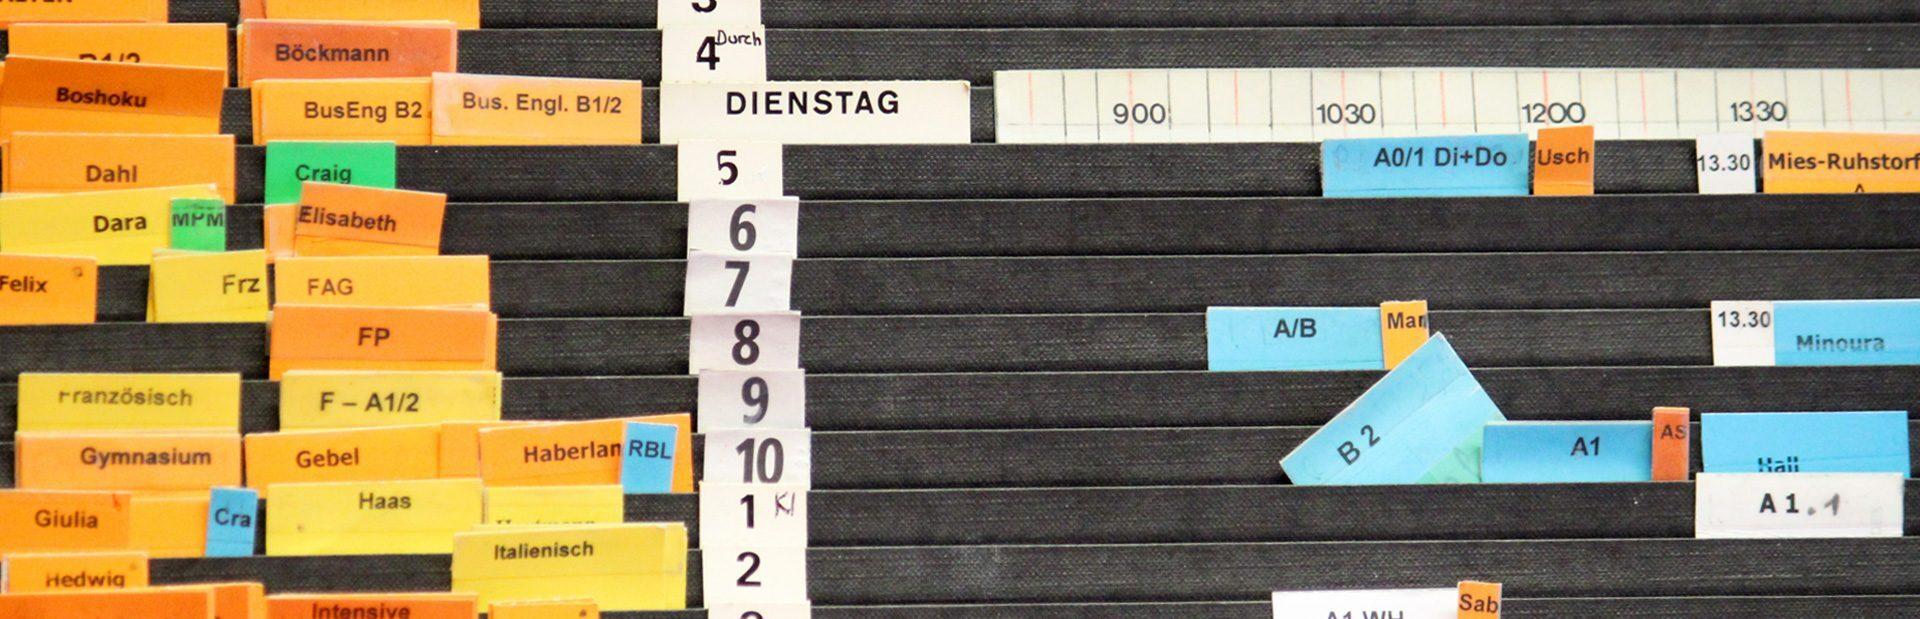 DESK Sprachkurse, Kurstermine, Deutschkurse, Englischkurse